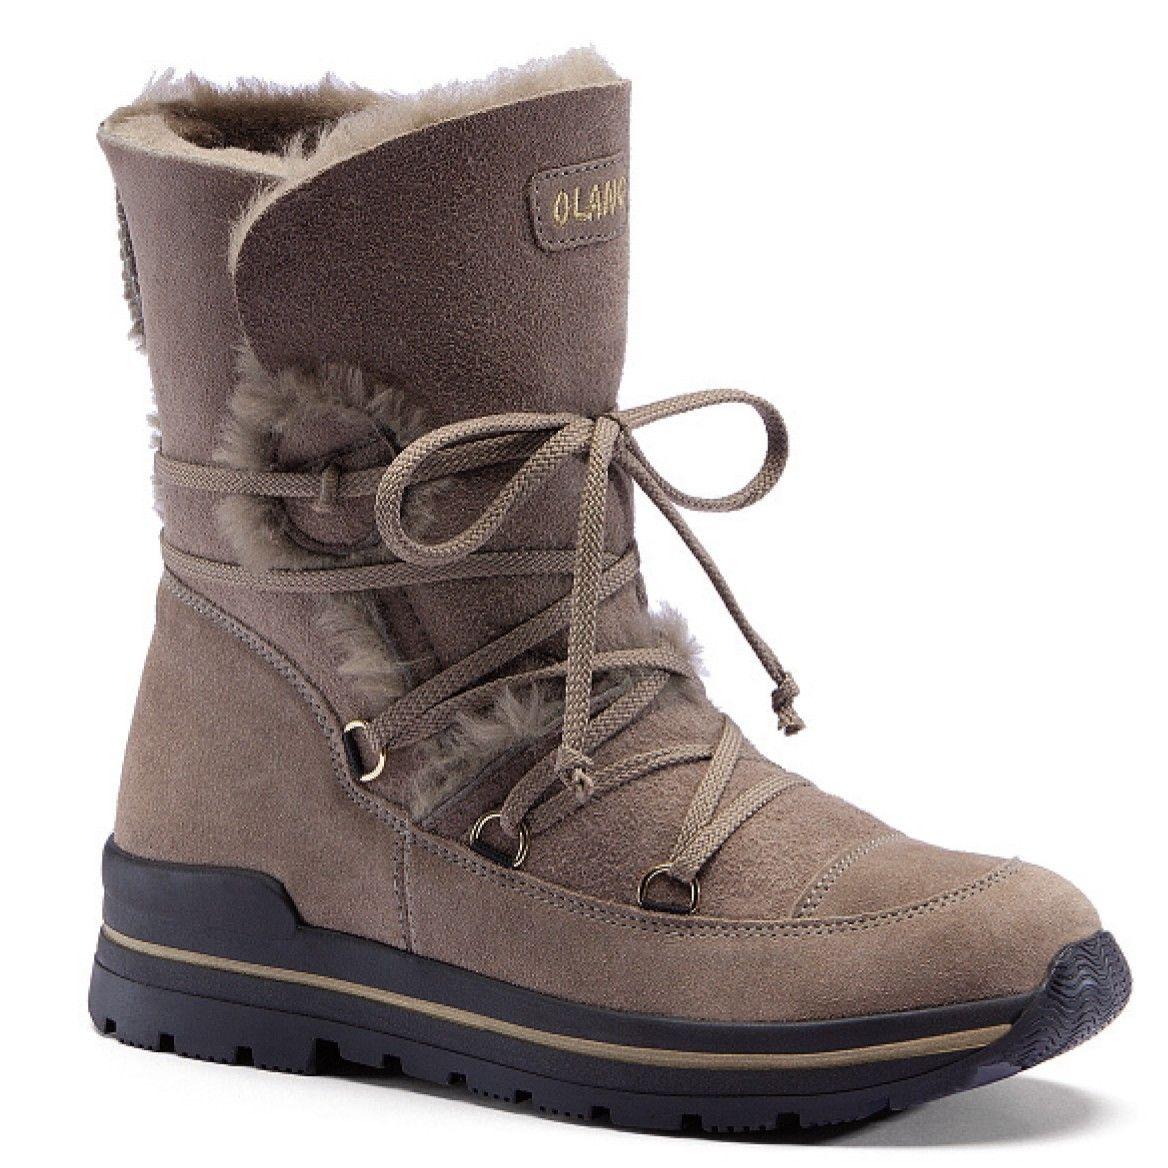 D'hiver Et For Chaussures Esprit Nordique Qzxan6n Bottes Olang gEPIH